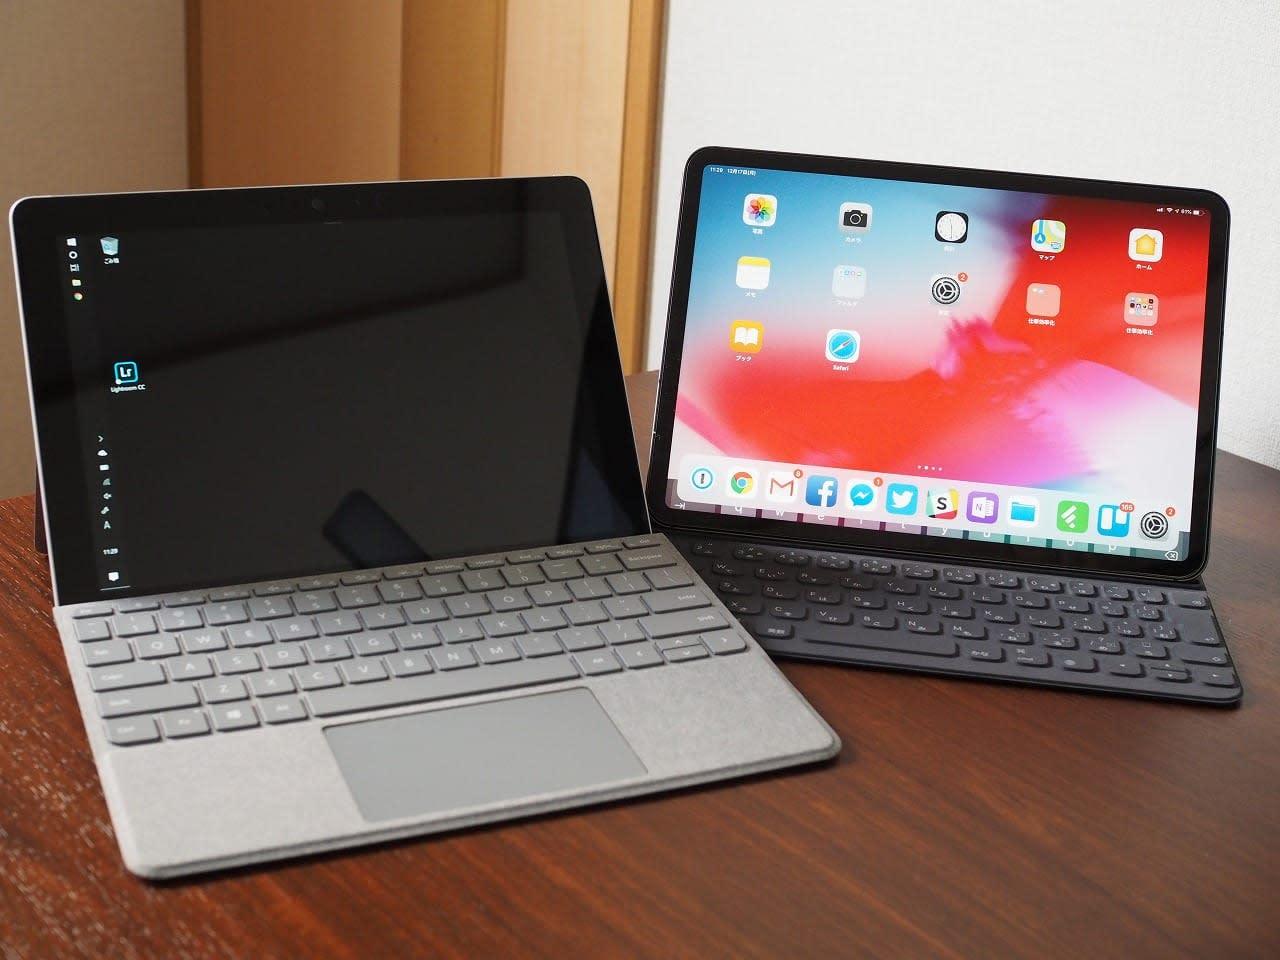 「iPad Pro」も買ったけど、やっぱり「Surface Go」が好き : ベストバイ2018 ...